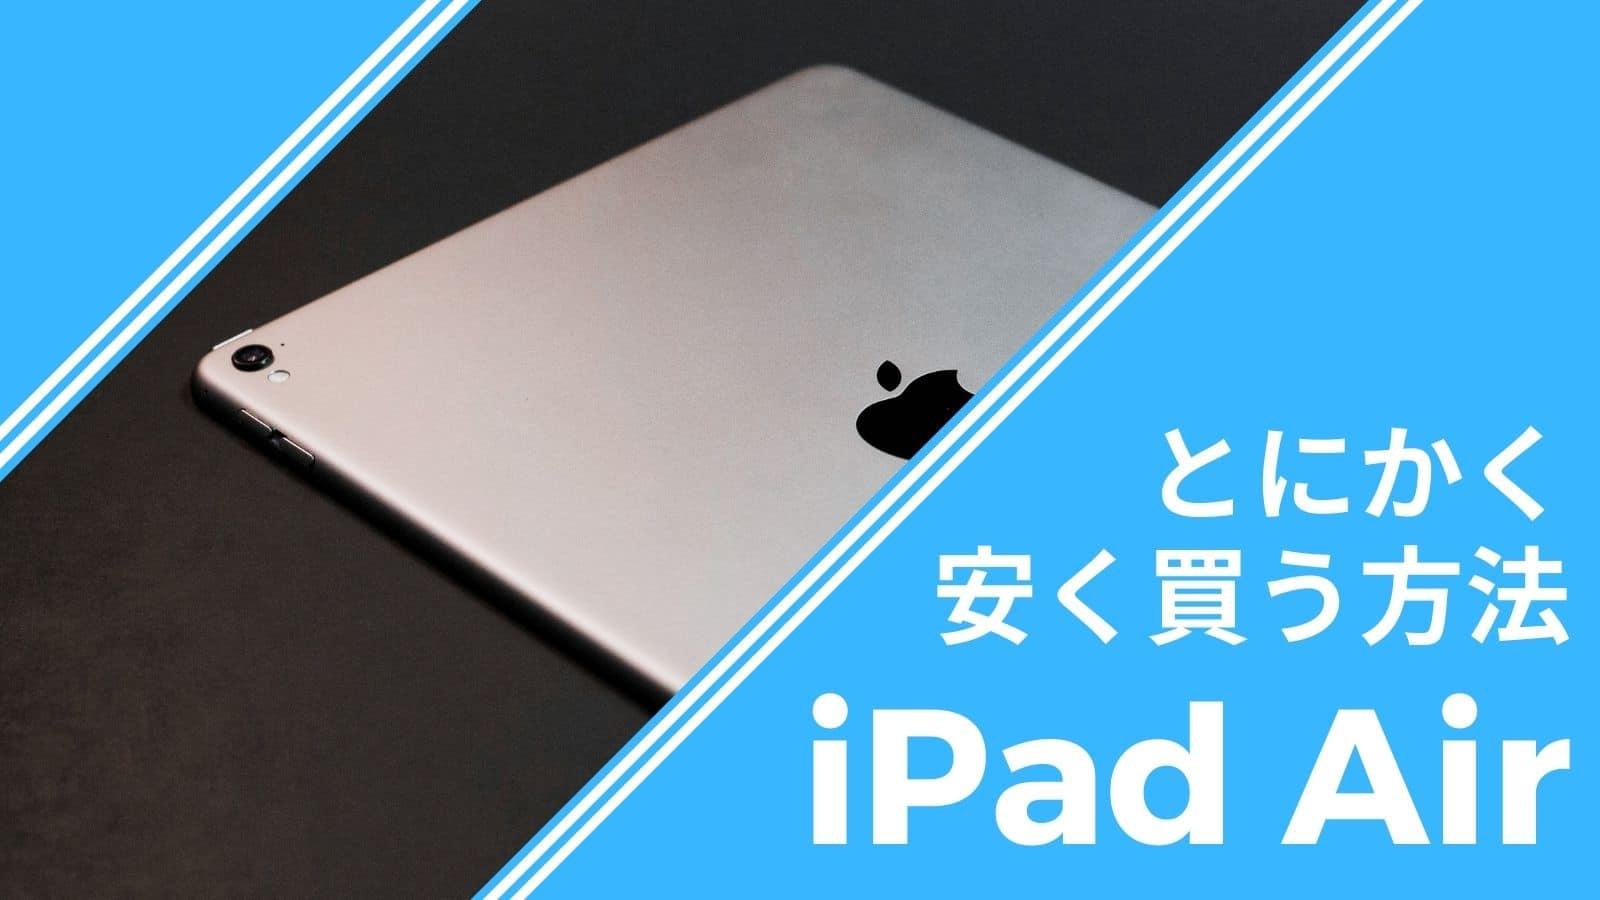 iPad miniをとにかく安く購入する方法 サムネイル